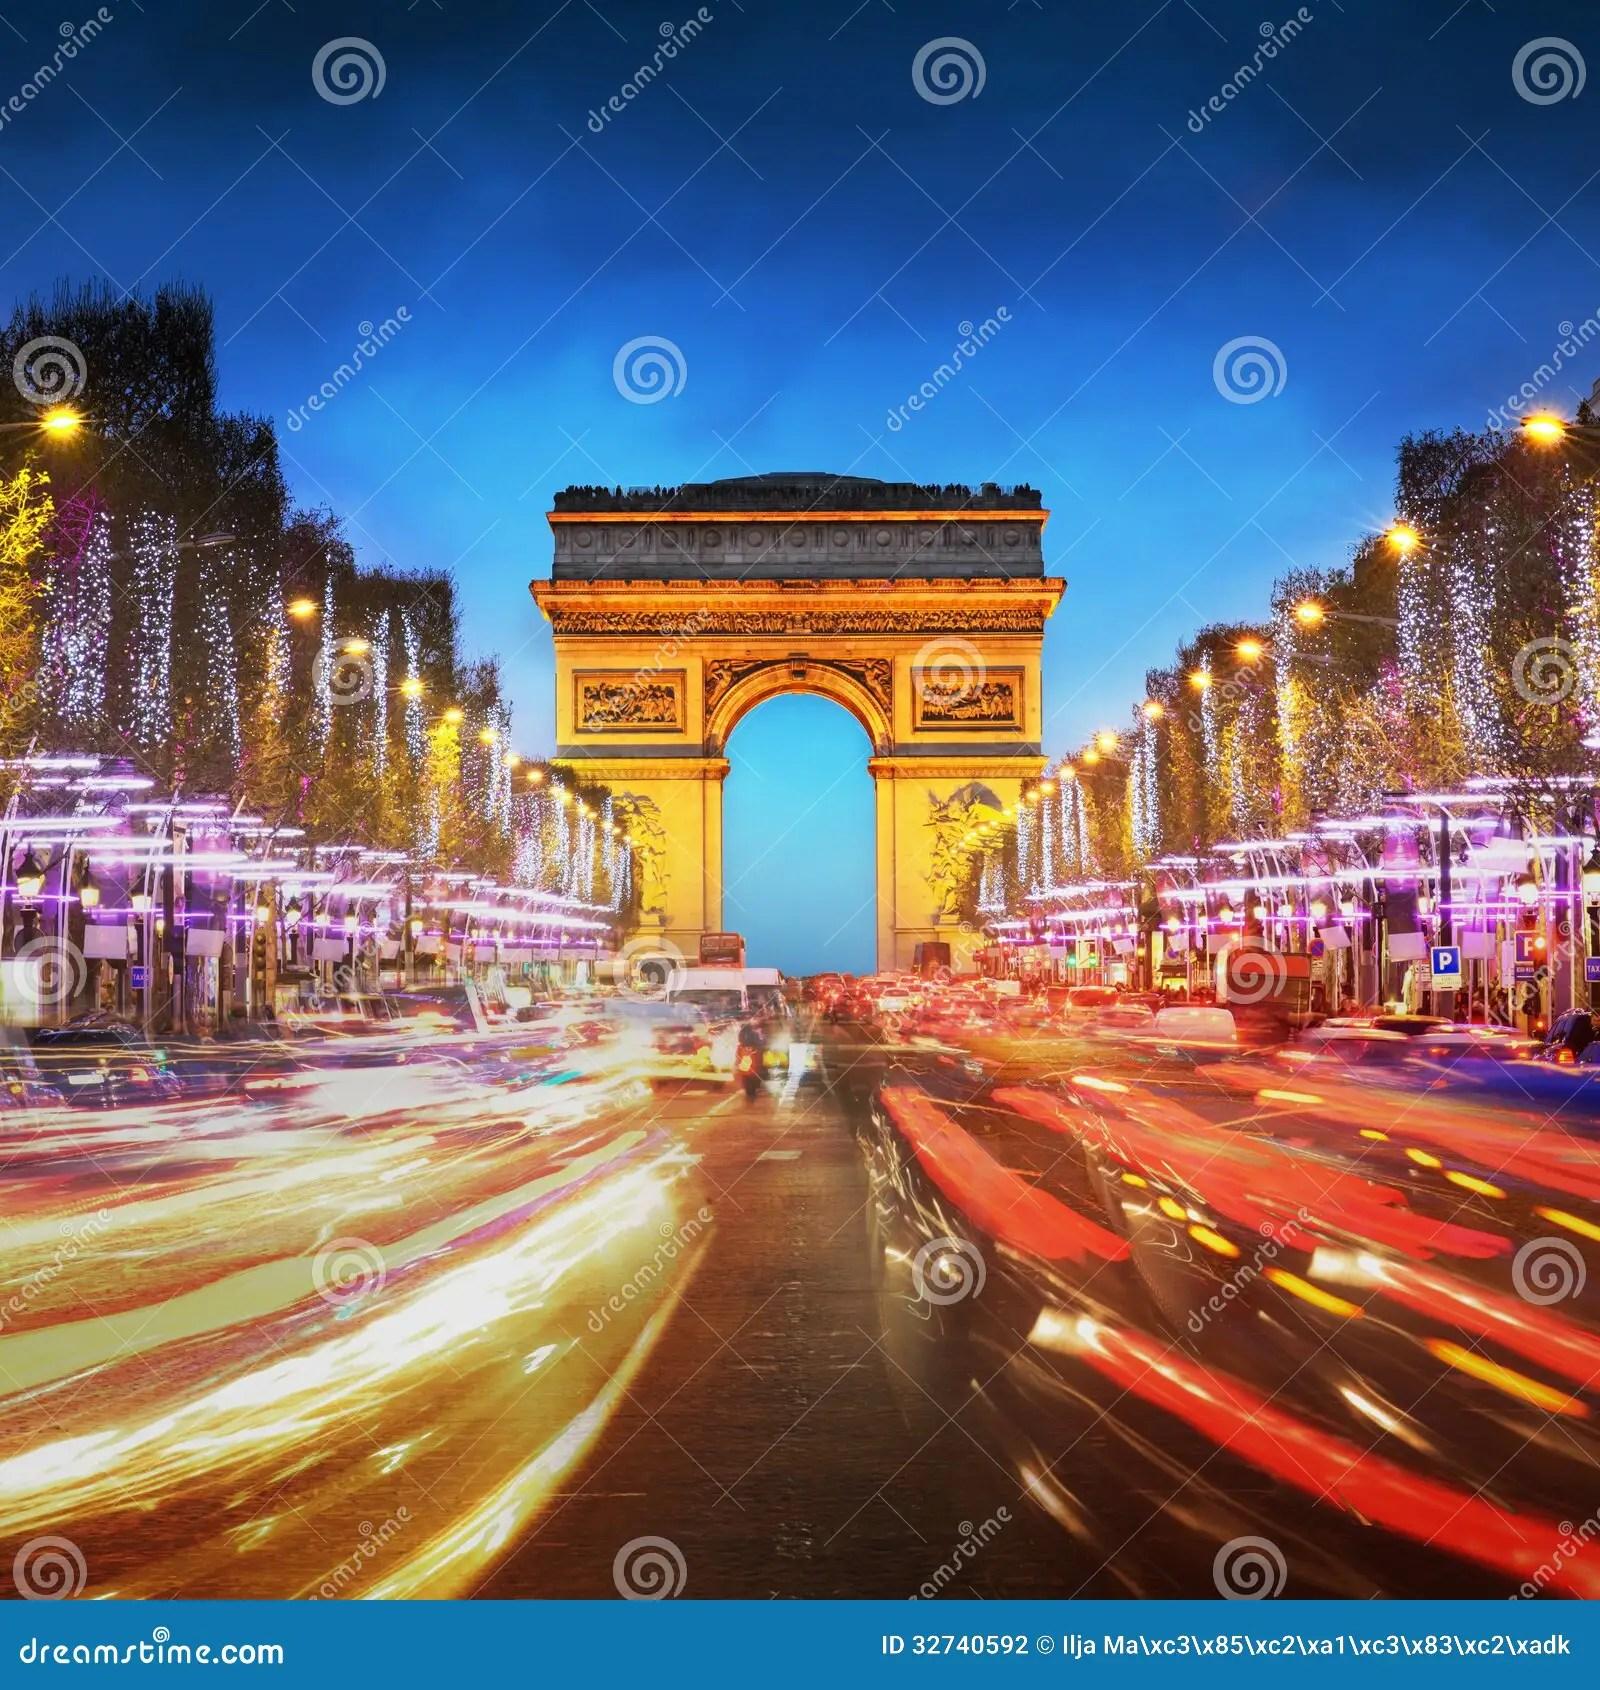 Audio Car Wallpaper Download Arc De Triomphe Paris City At Sunset Arch Of Triumph And